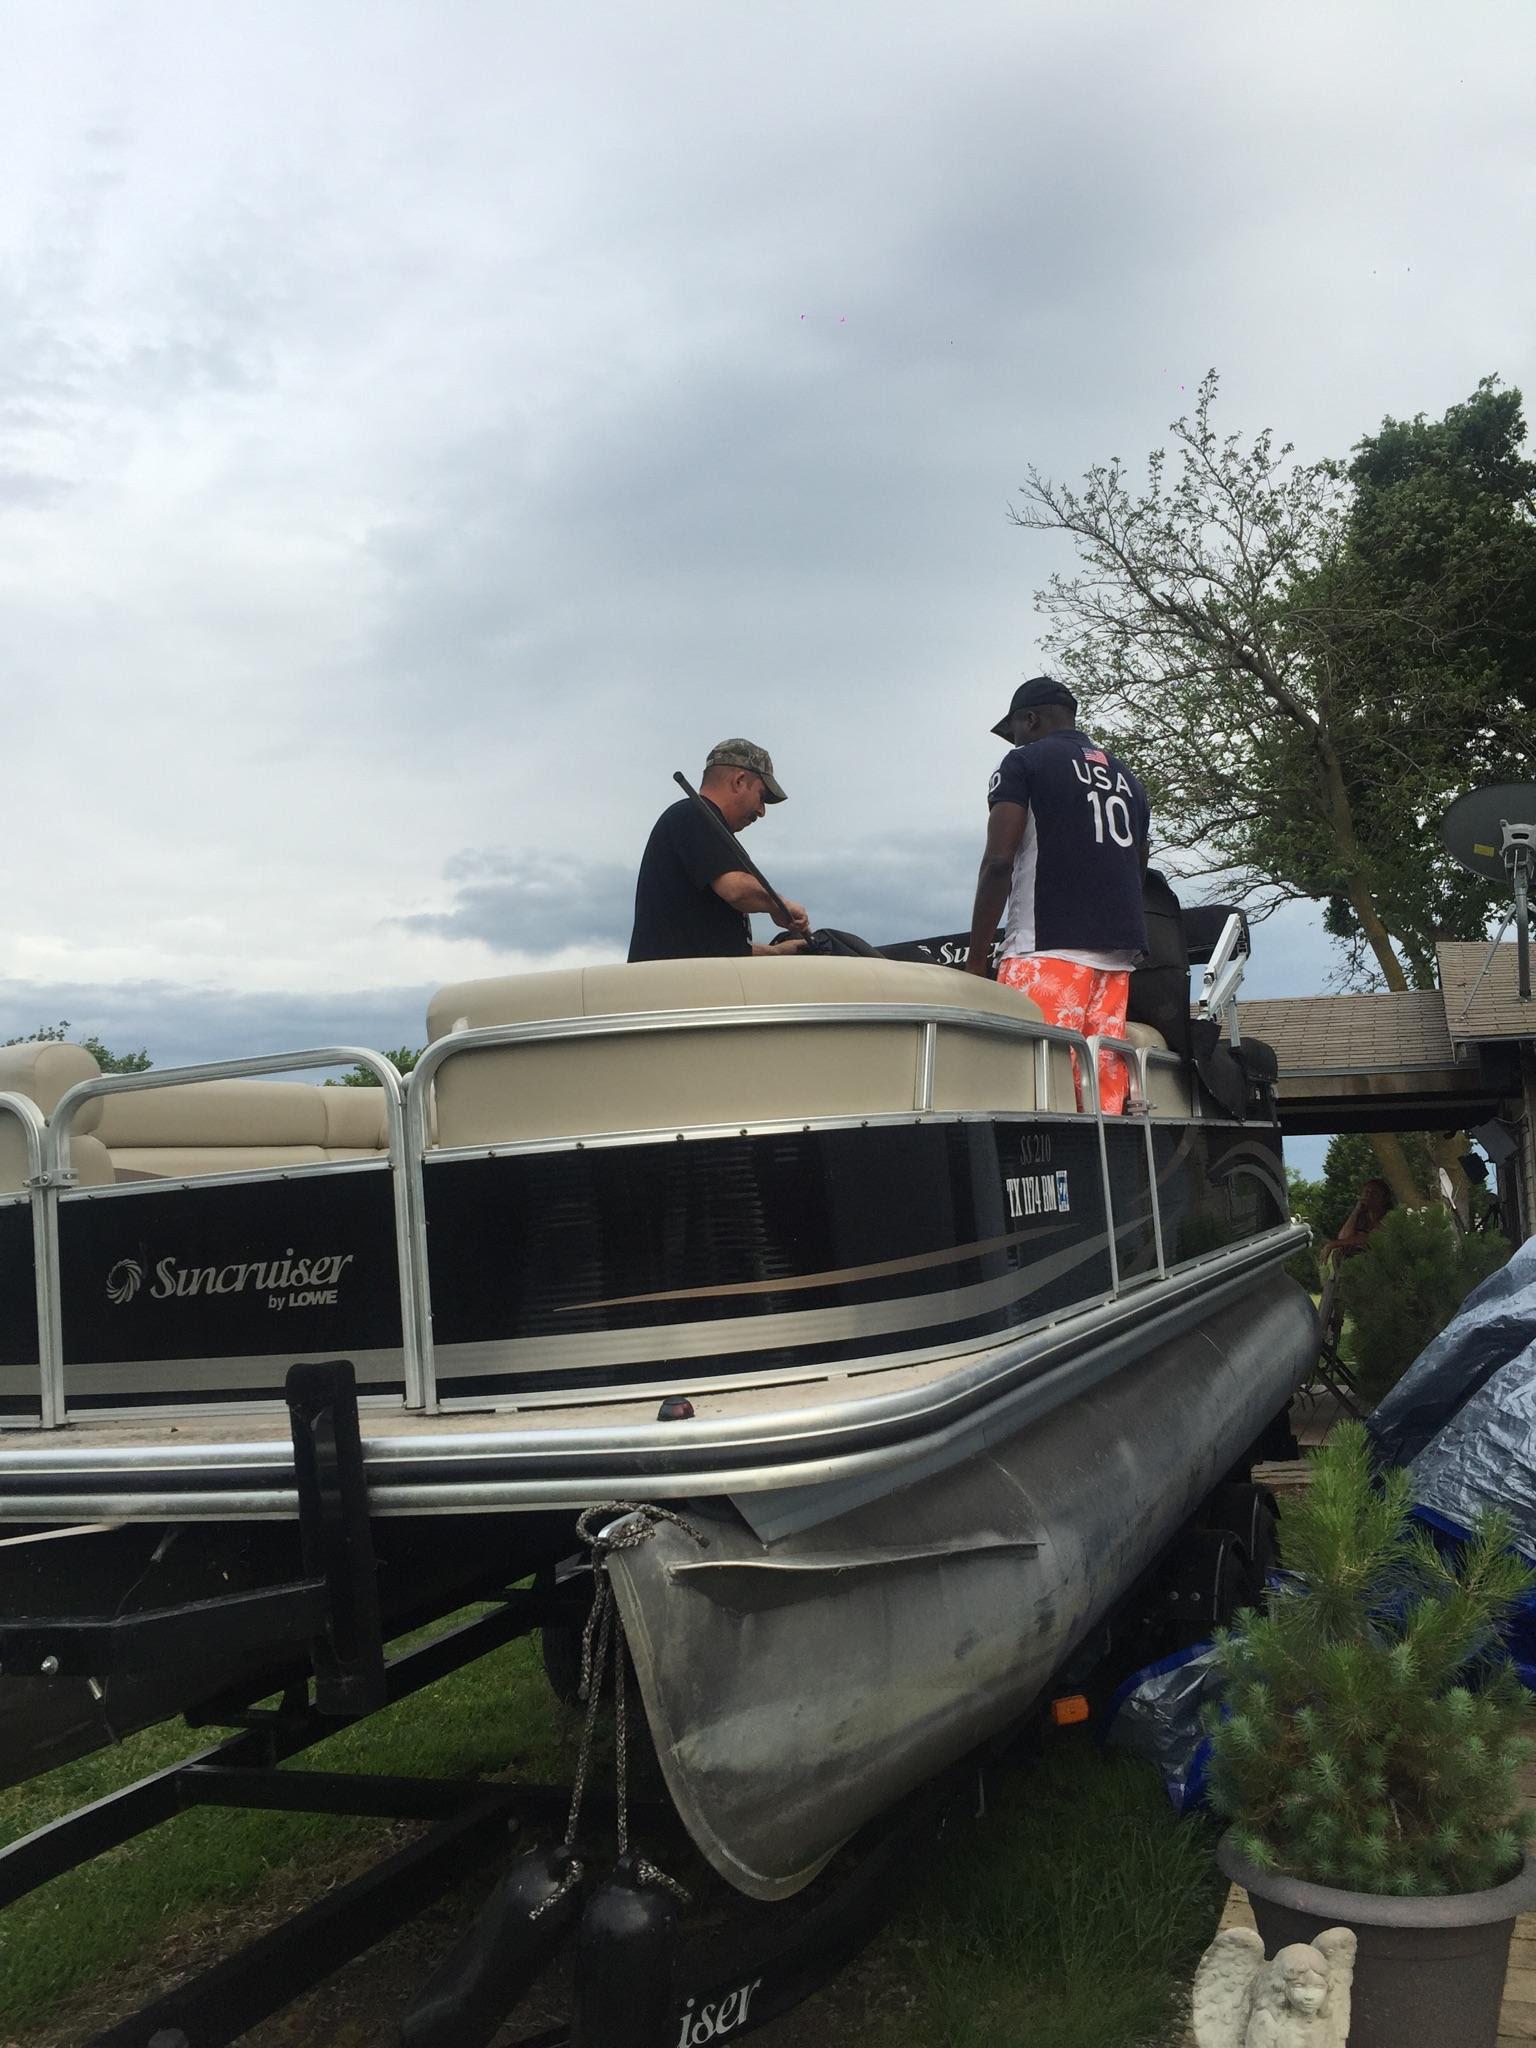 Dallas Boat Pontoon Rental Lowe SS210 - All Star Jetski Rental